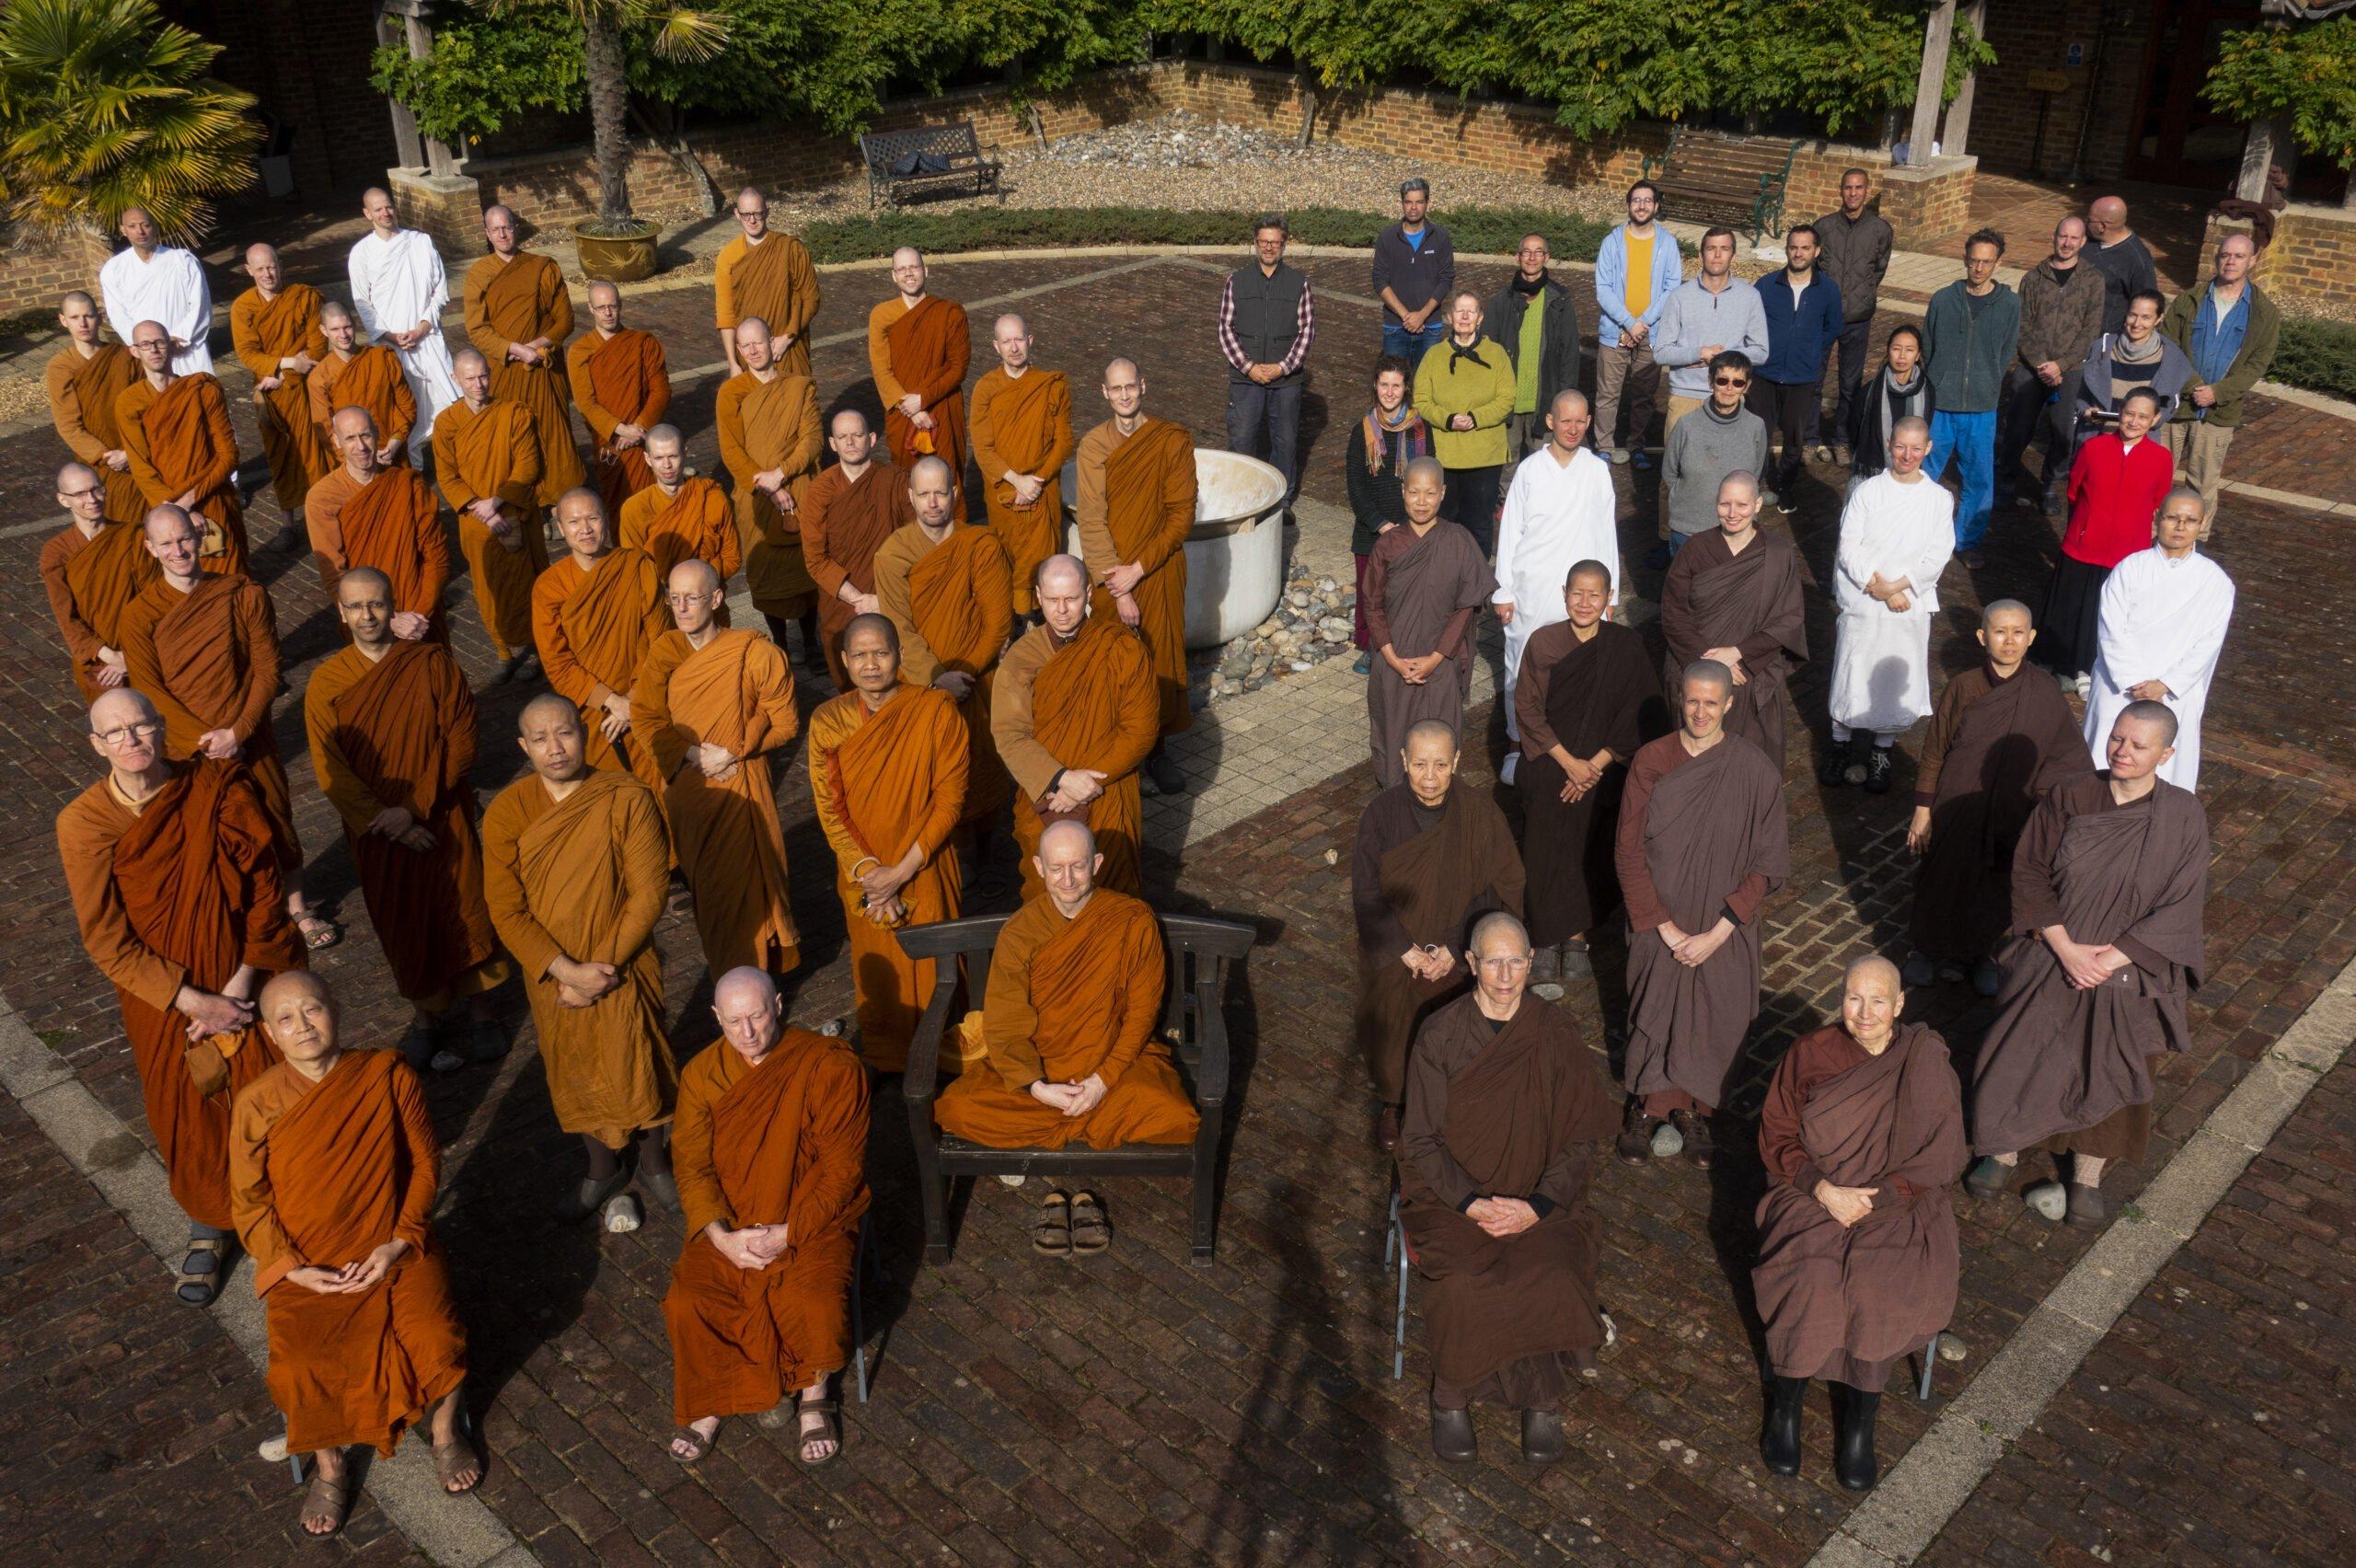 2020.10.07 Vassa 2020 Group Photo